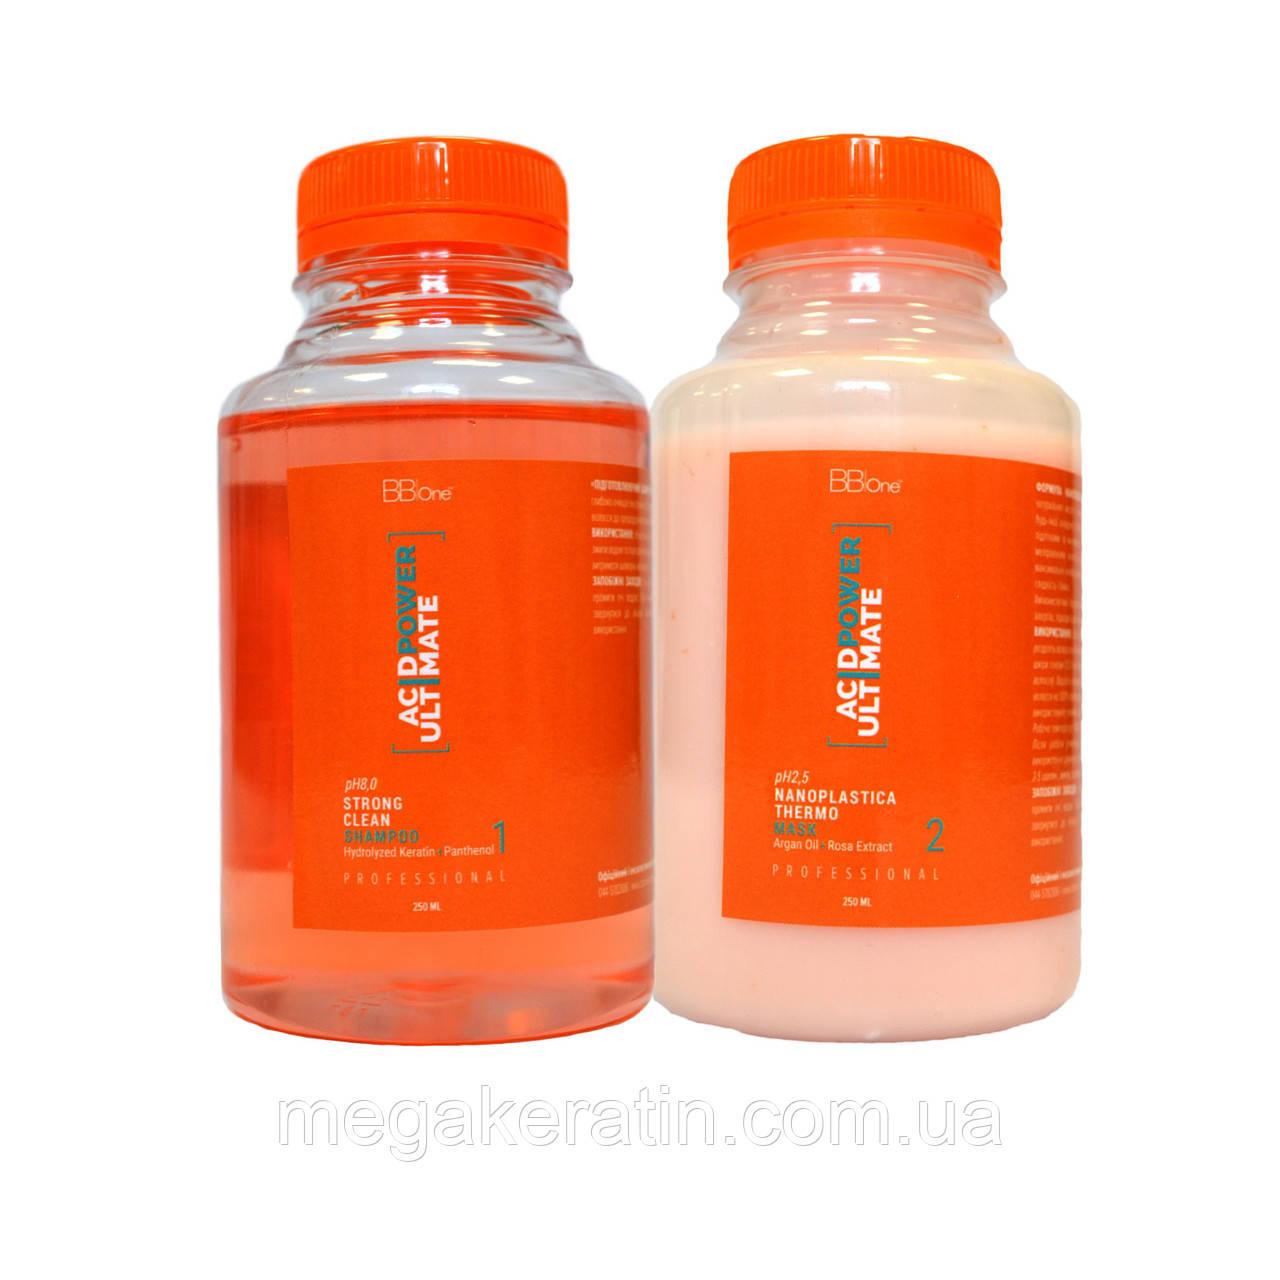 Набор для выпрямления и восстановления волос (наноплатика) ACID POWER ULTIMATE 2*250 мл. BBone